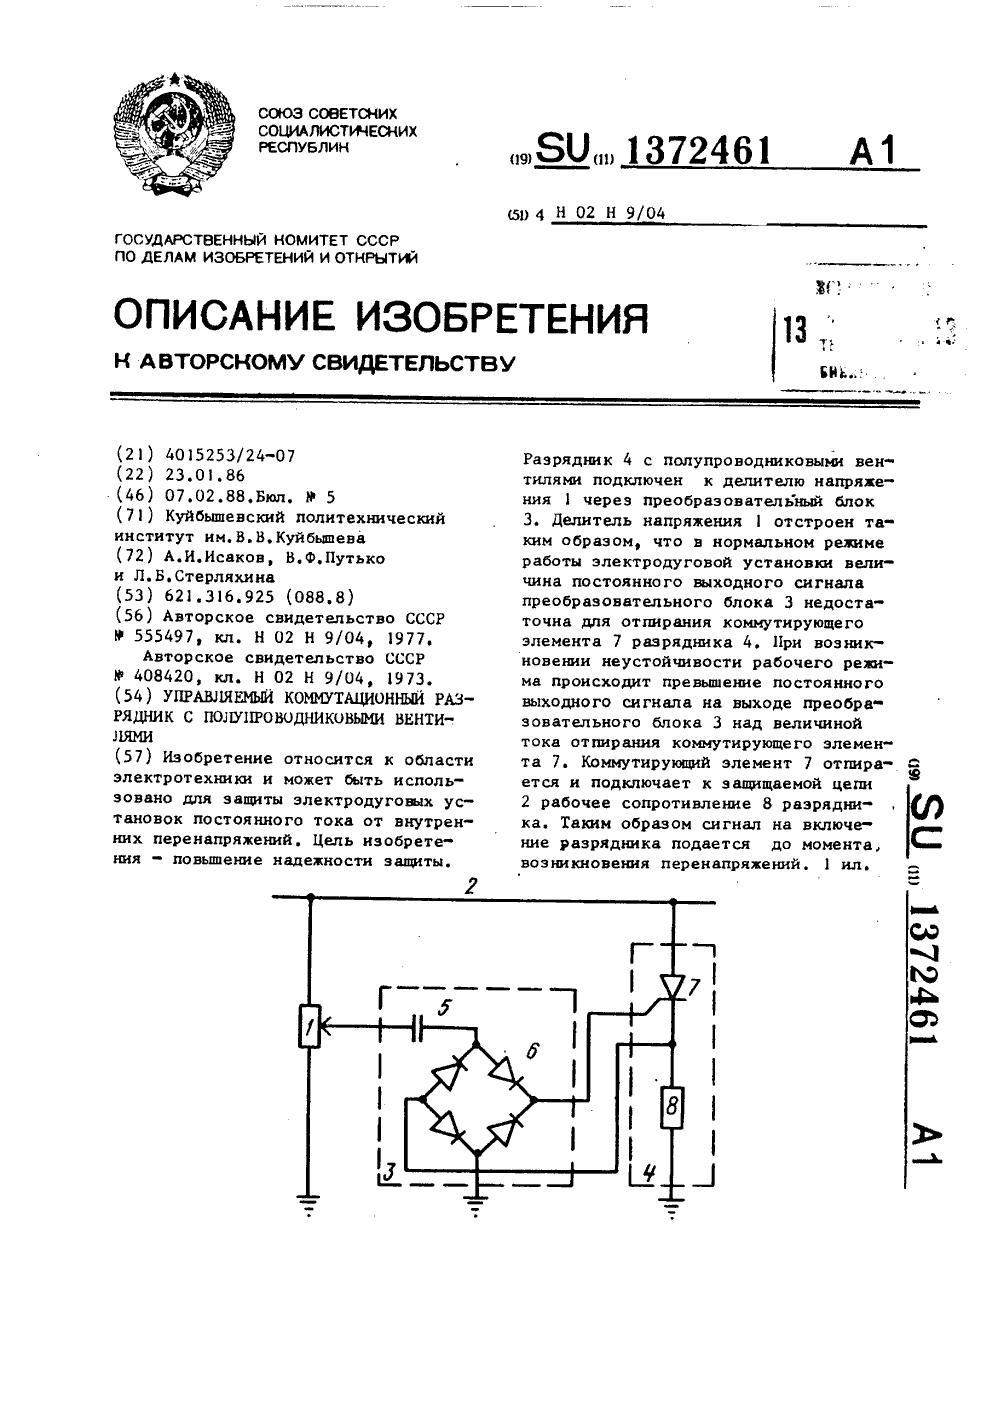 трехэлектродный разрядник схема включения